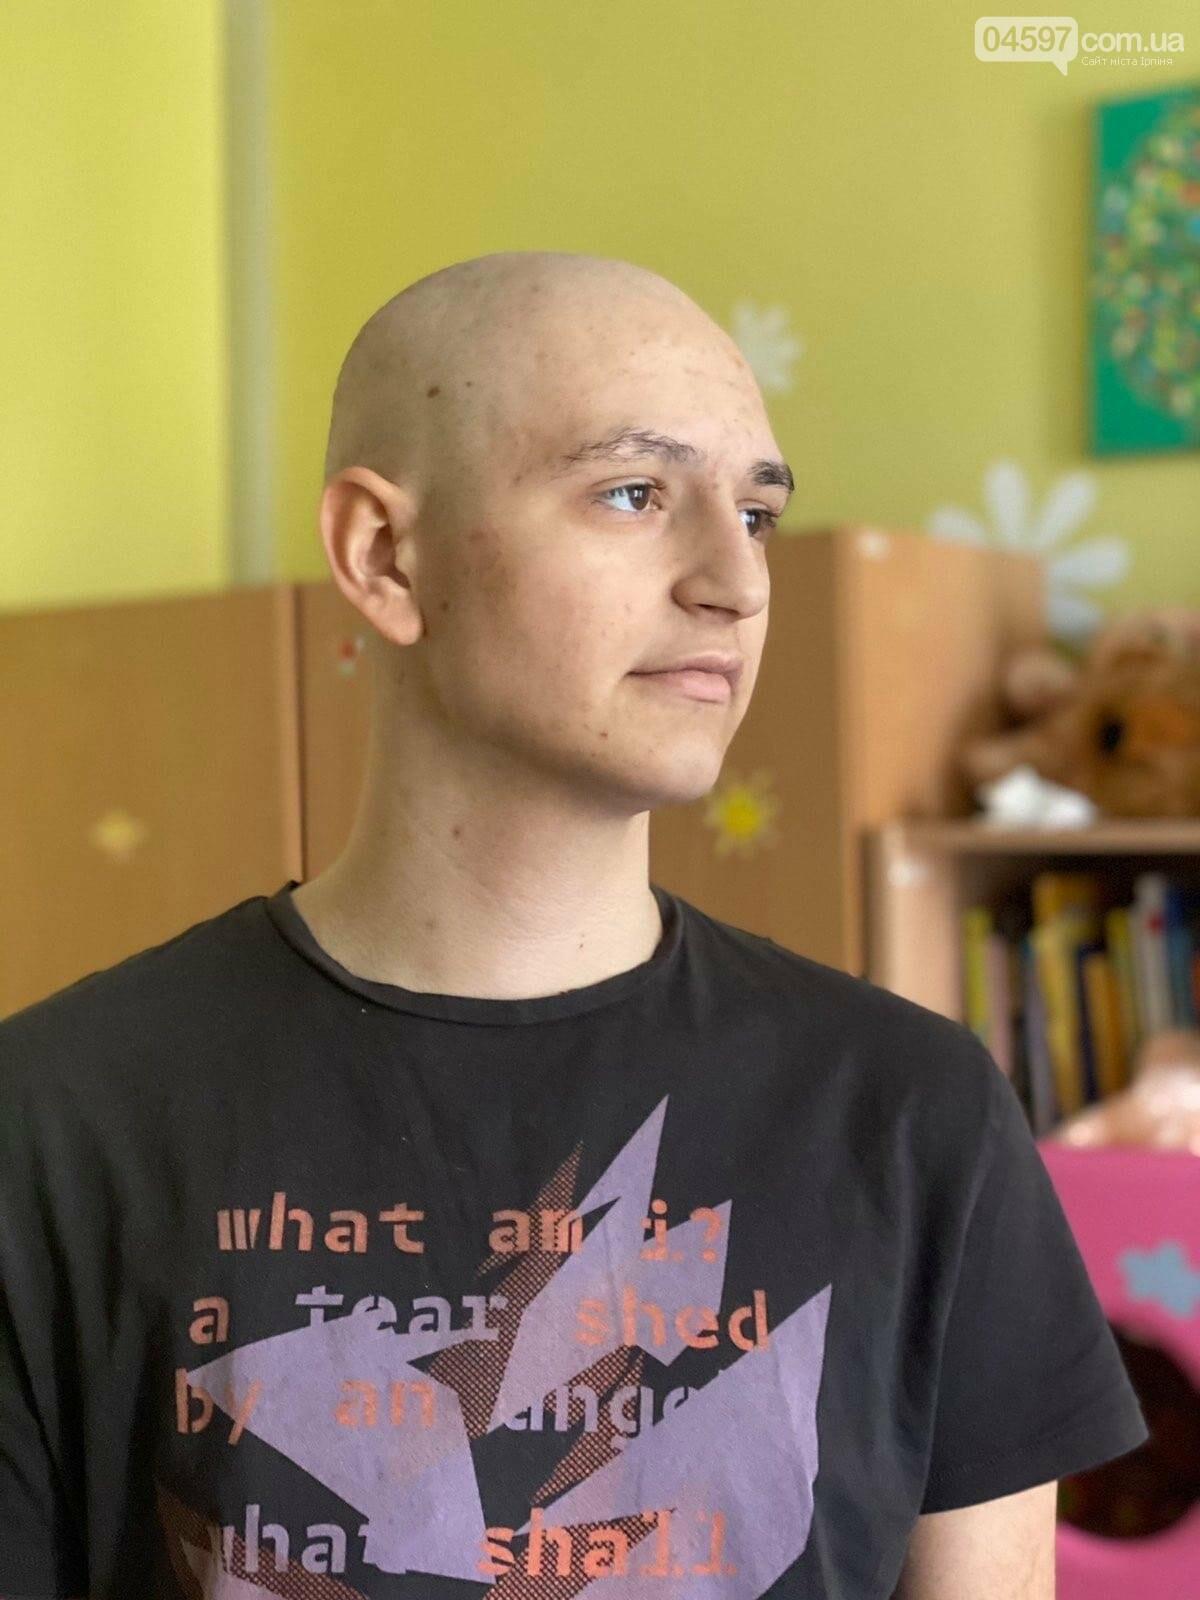 На Київщині збирають кошти на лікування хворого на рак підлітка